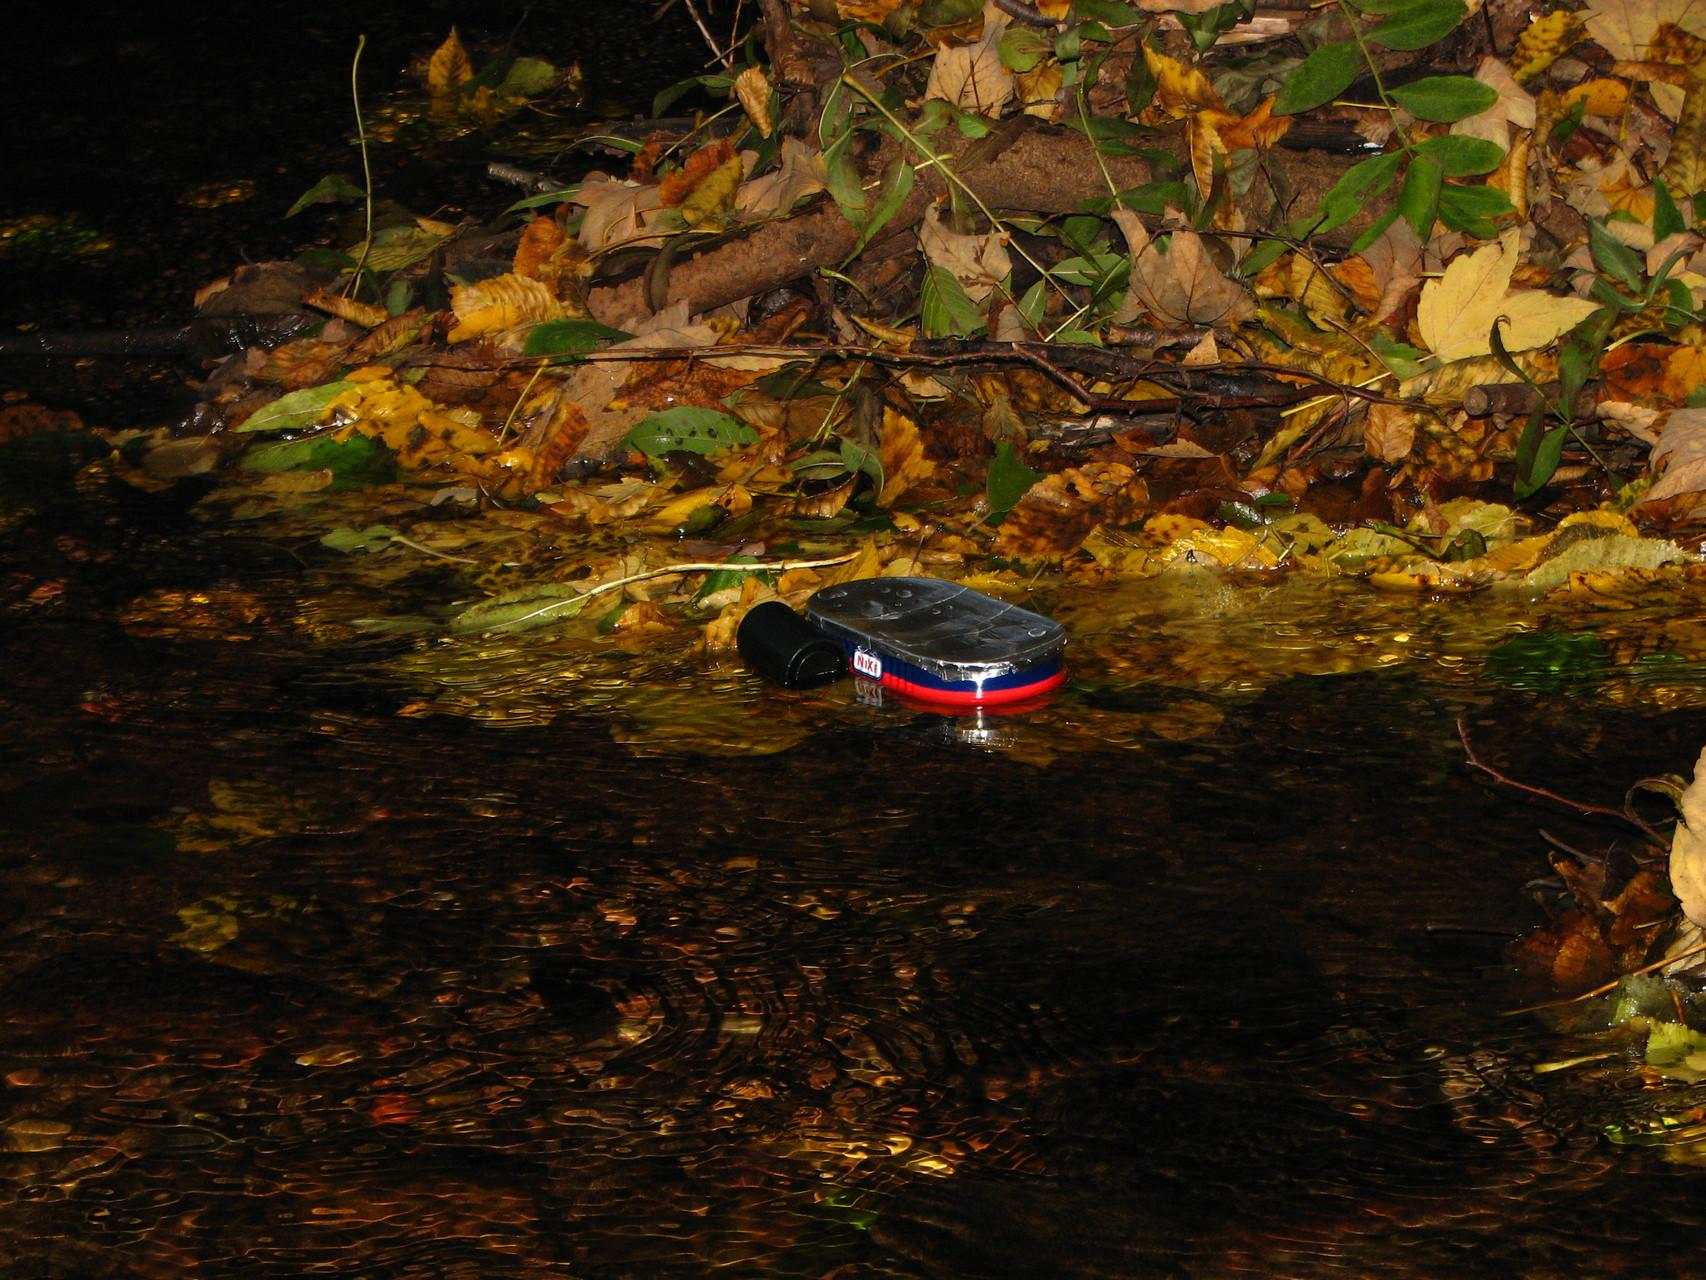 Und wieder hat sich die Fischbüchse ein anderes Boot geschnappt